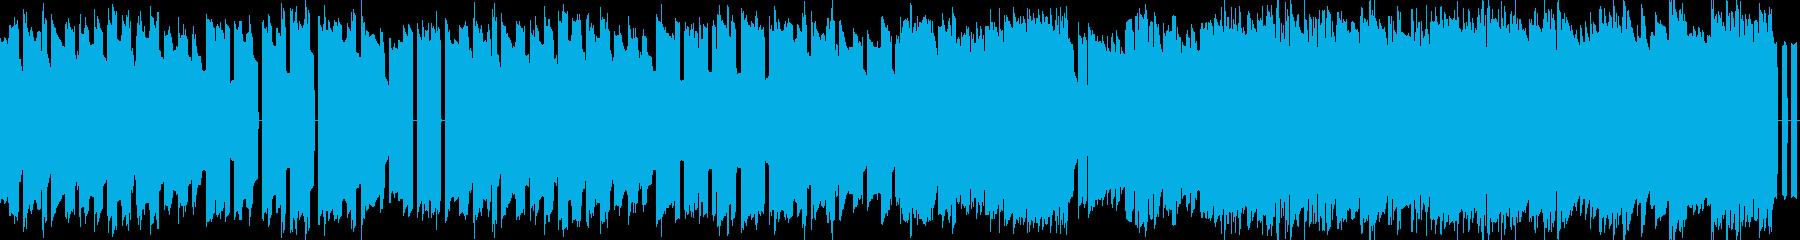 フィールド曲8bitファミコンBGMの再生済みの波形